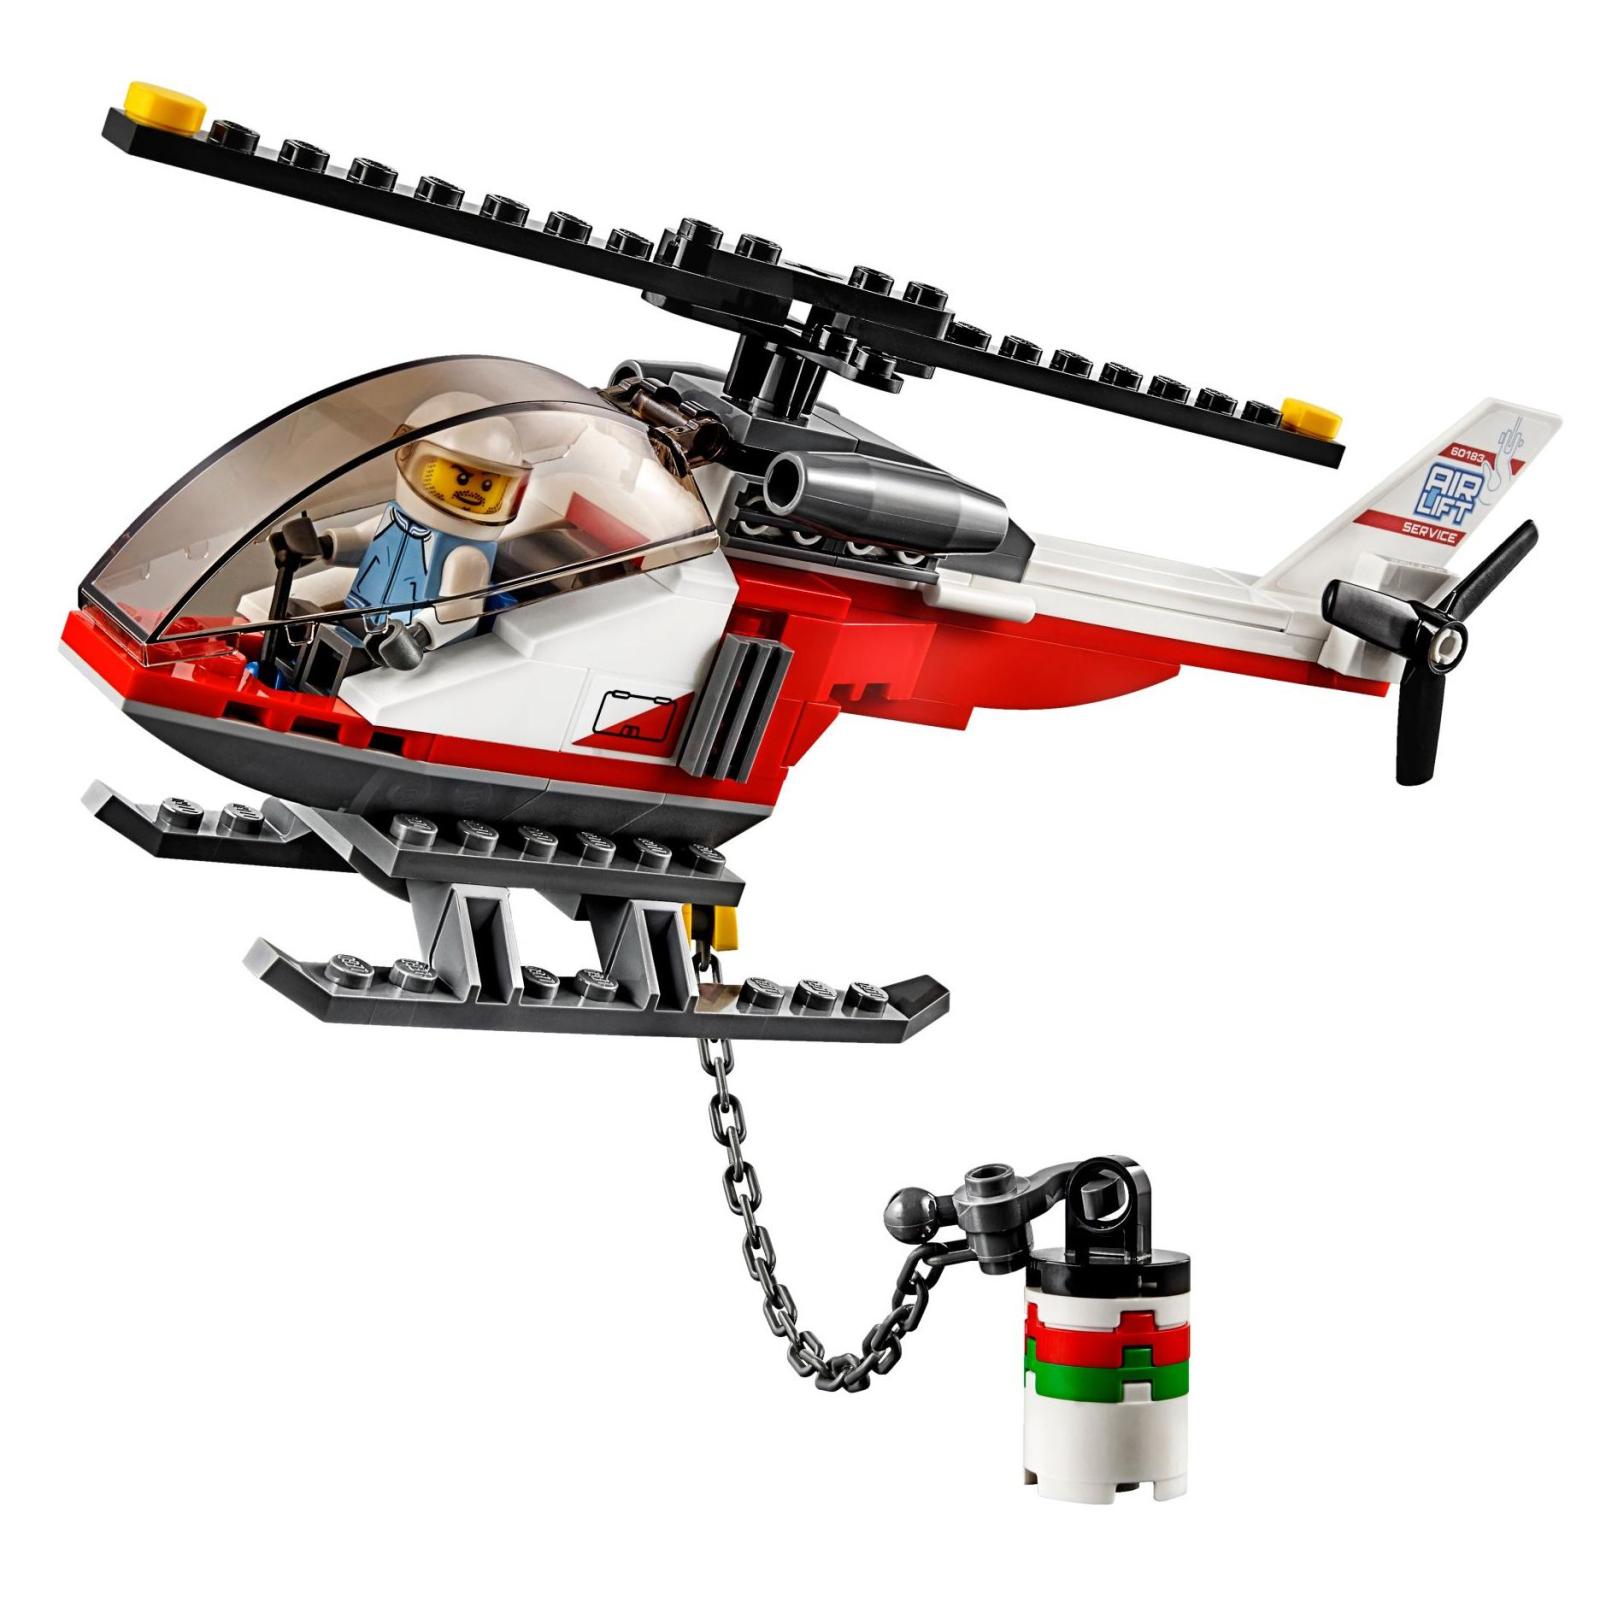 Конструктор LEGO City Перевозка тяжелых грузов (60183) изображение 6